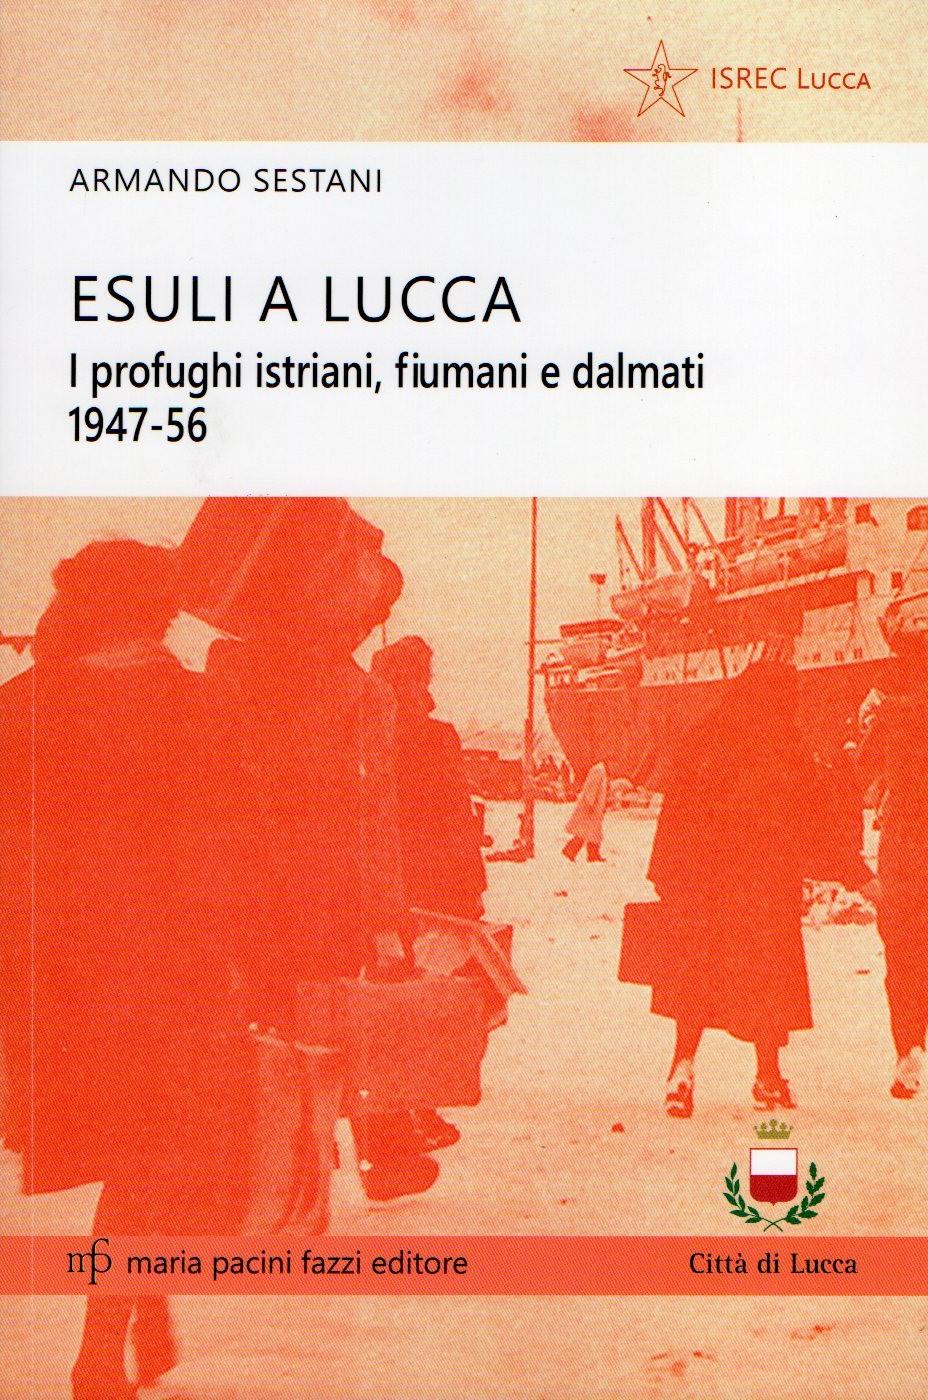 Esuli-a-Lucca